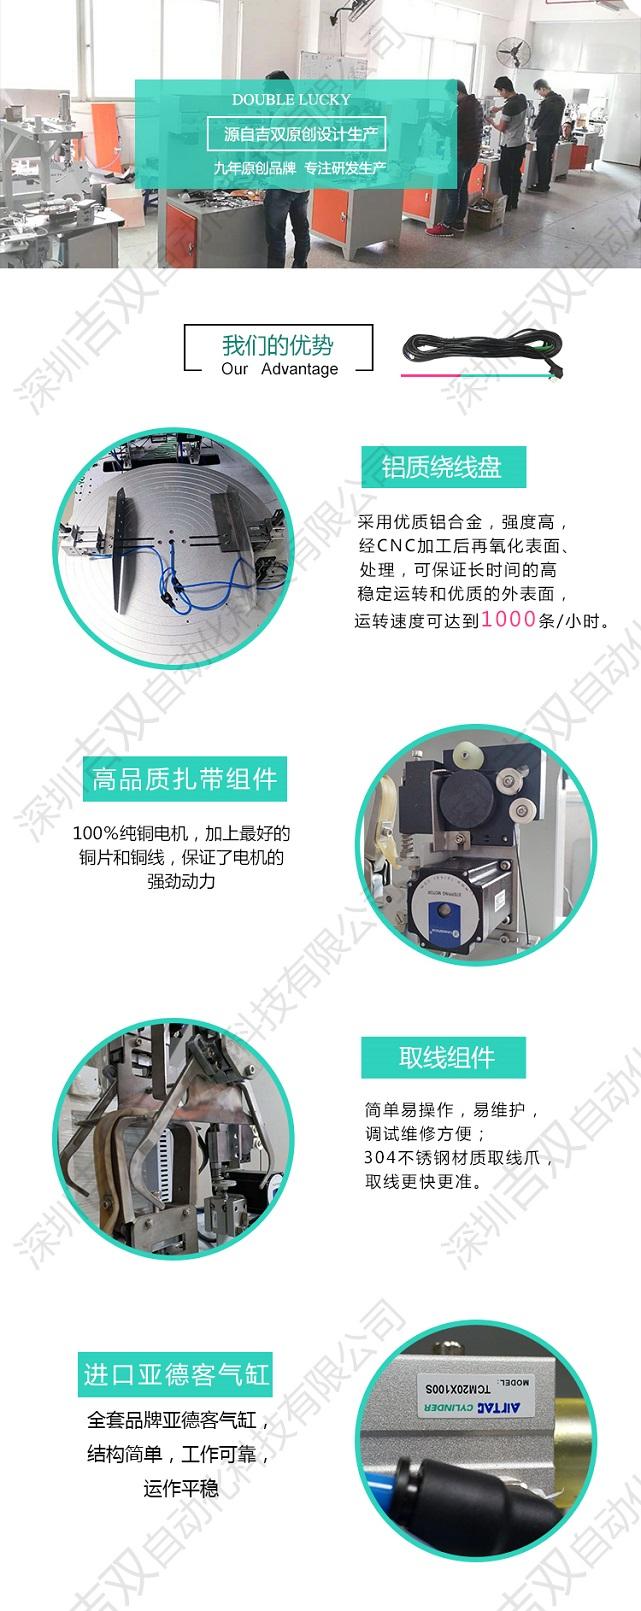 8字单扎型全自动绕线扎线机配件使用品牌性能展示吉双